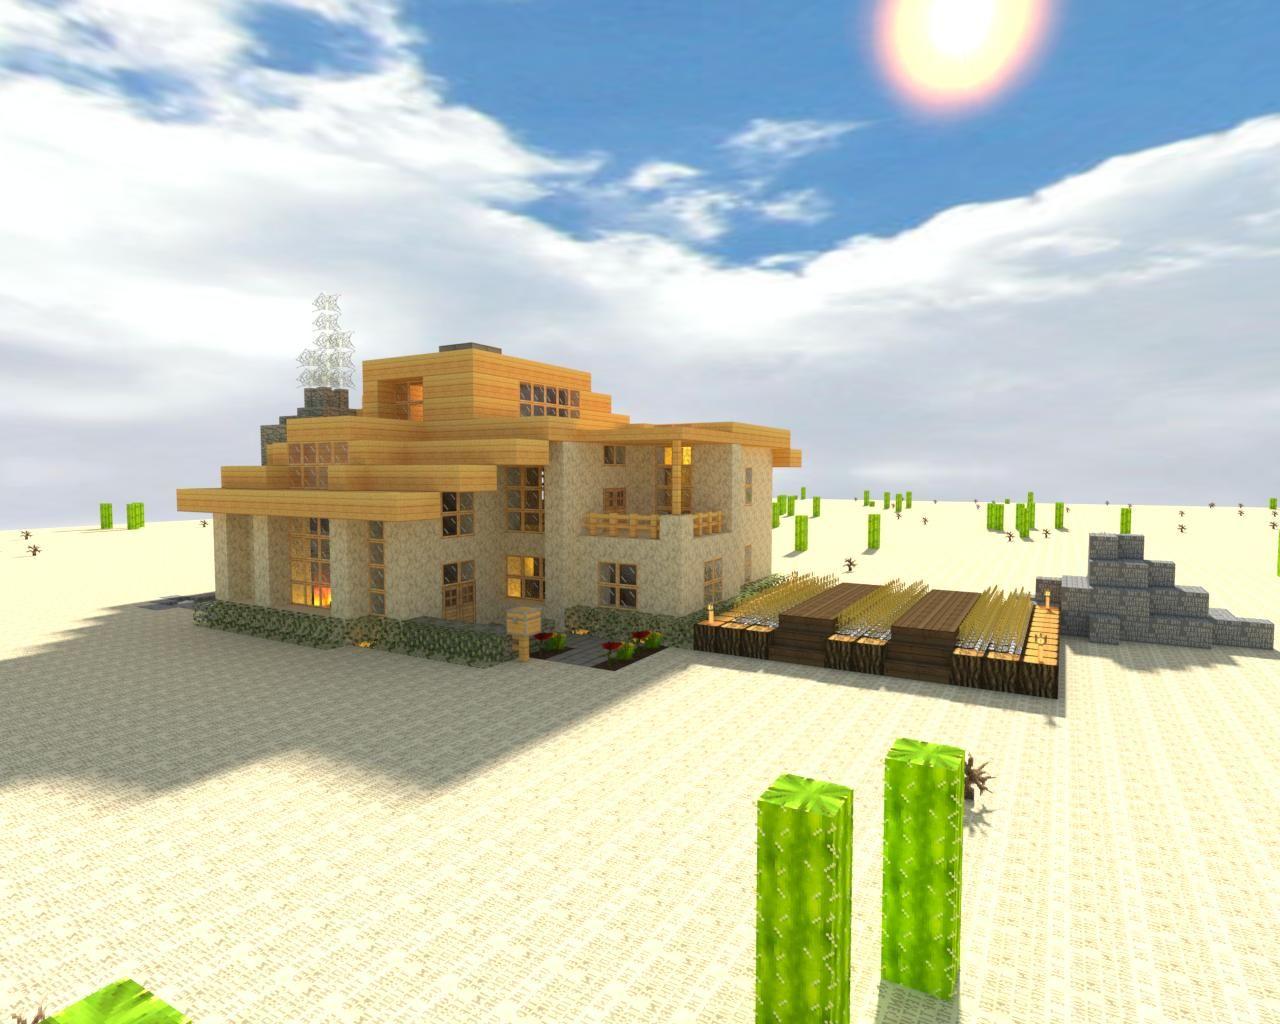 Desert Home in Minecraft | Modern Minecraft | Pinterest | Rund ums ...